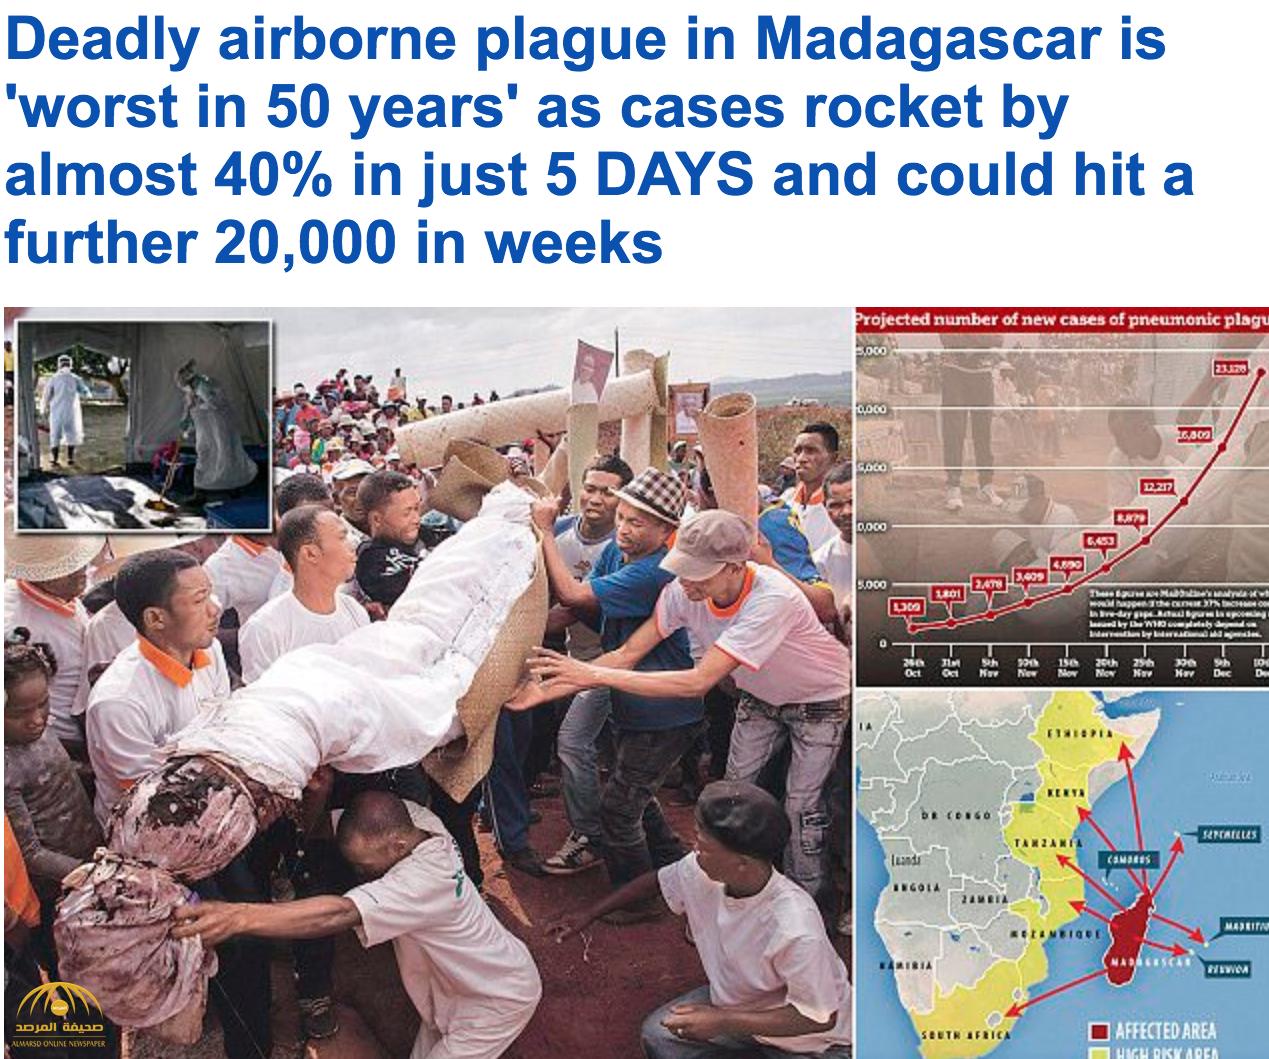 """وباء """"الطاعون"""" يعود بقوة ويتحول إلى """"كارثة"""" حقيقية في مدغشقر وتحذيرات في دول أخرى!"""